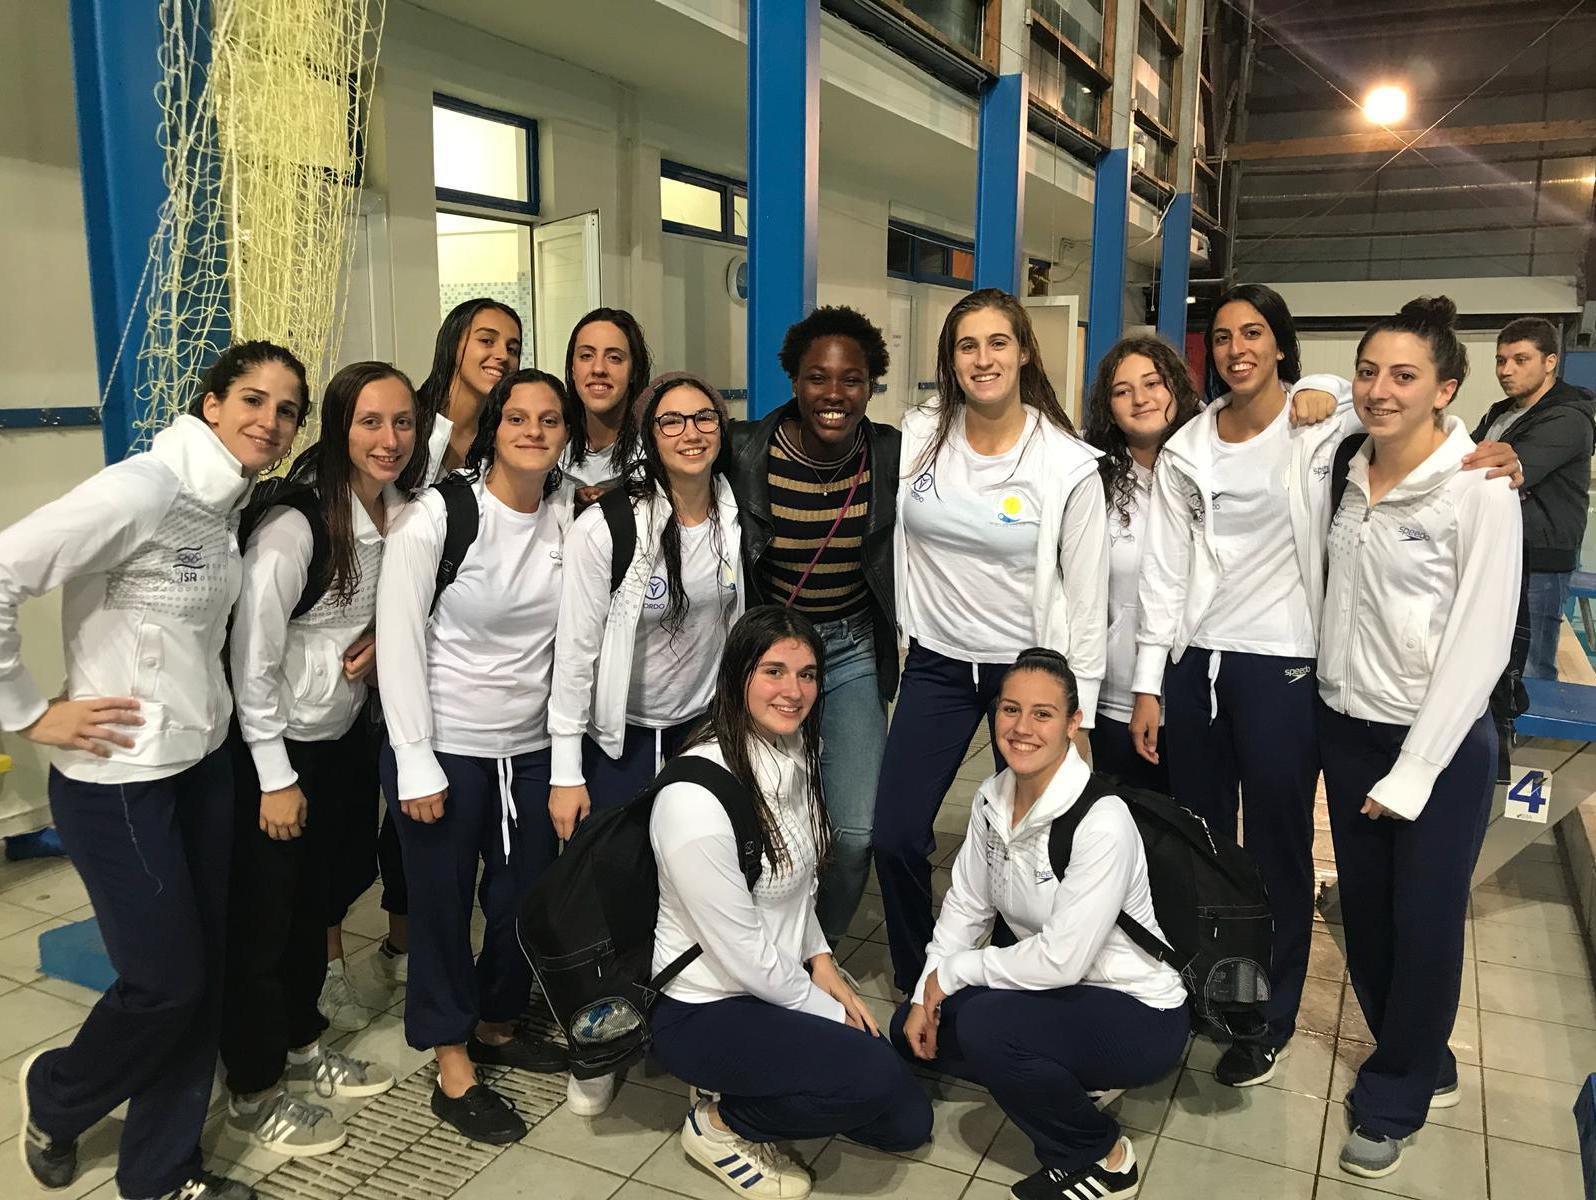 ארגון ה-BDS יגרום לביטול משחקה של נבחרת הנשים בכדורמים?